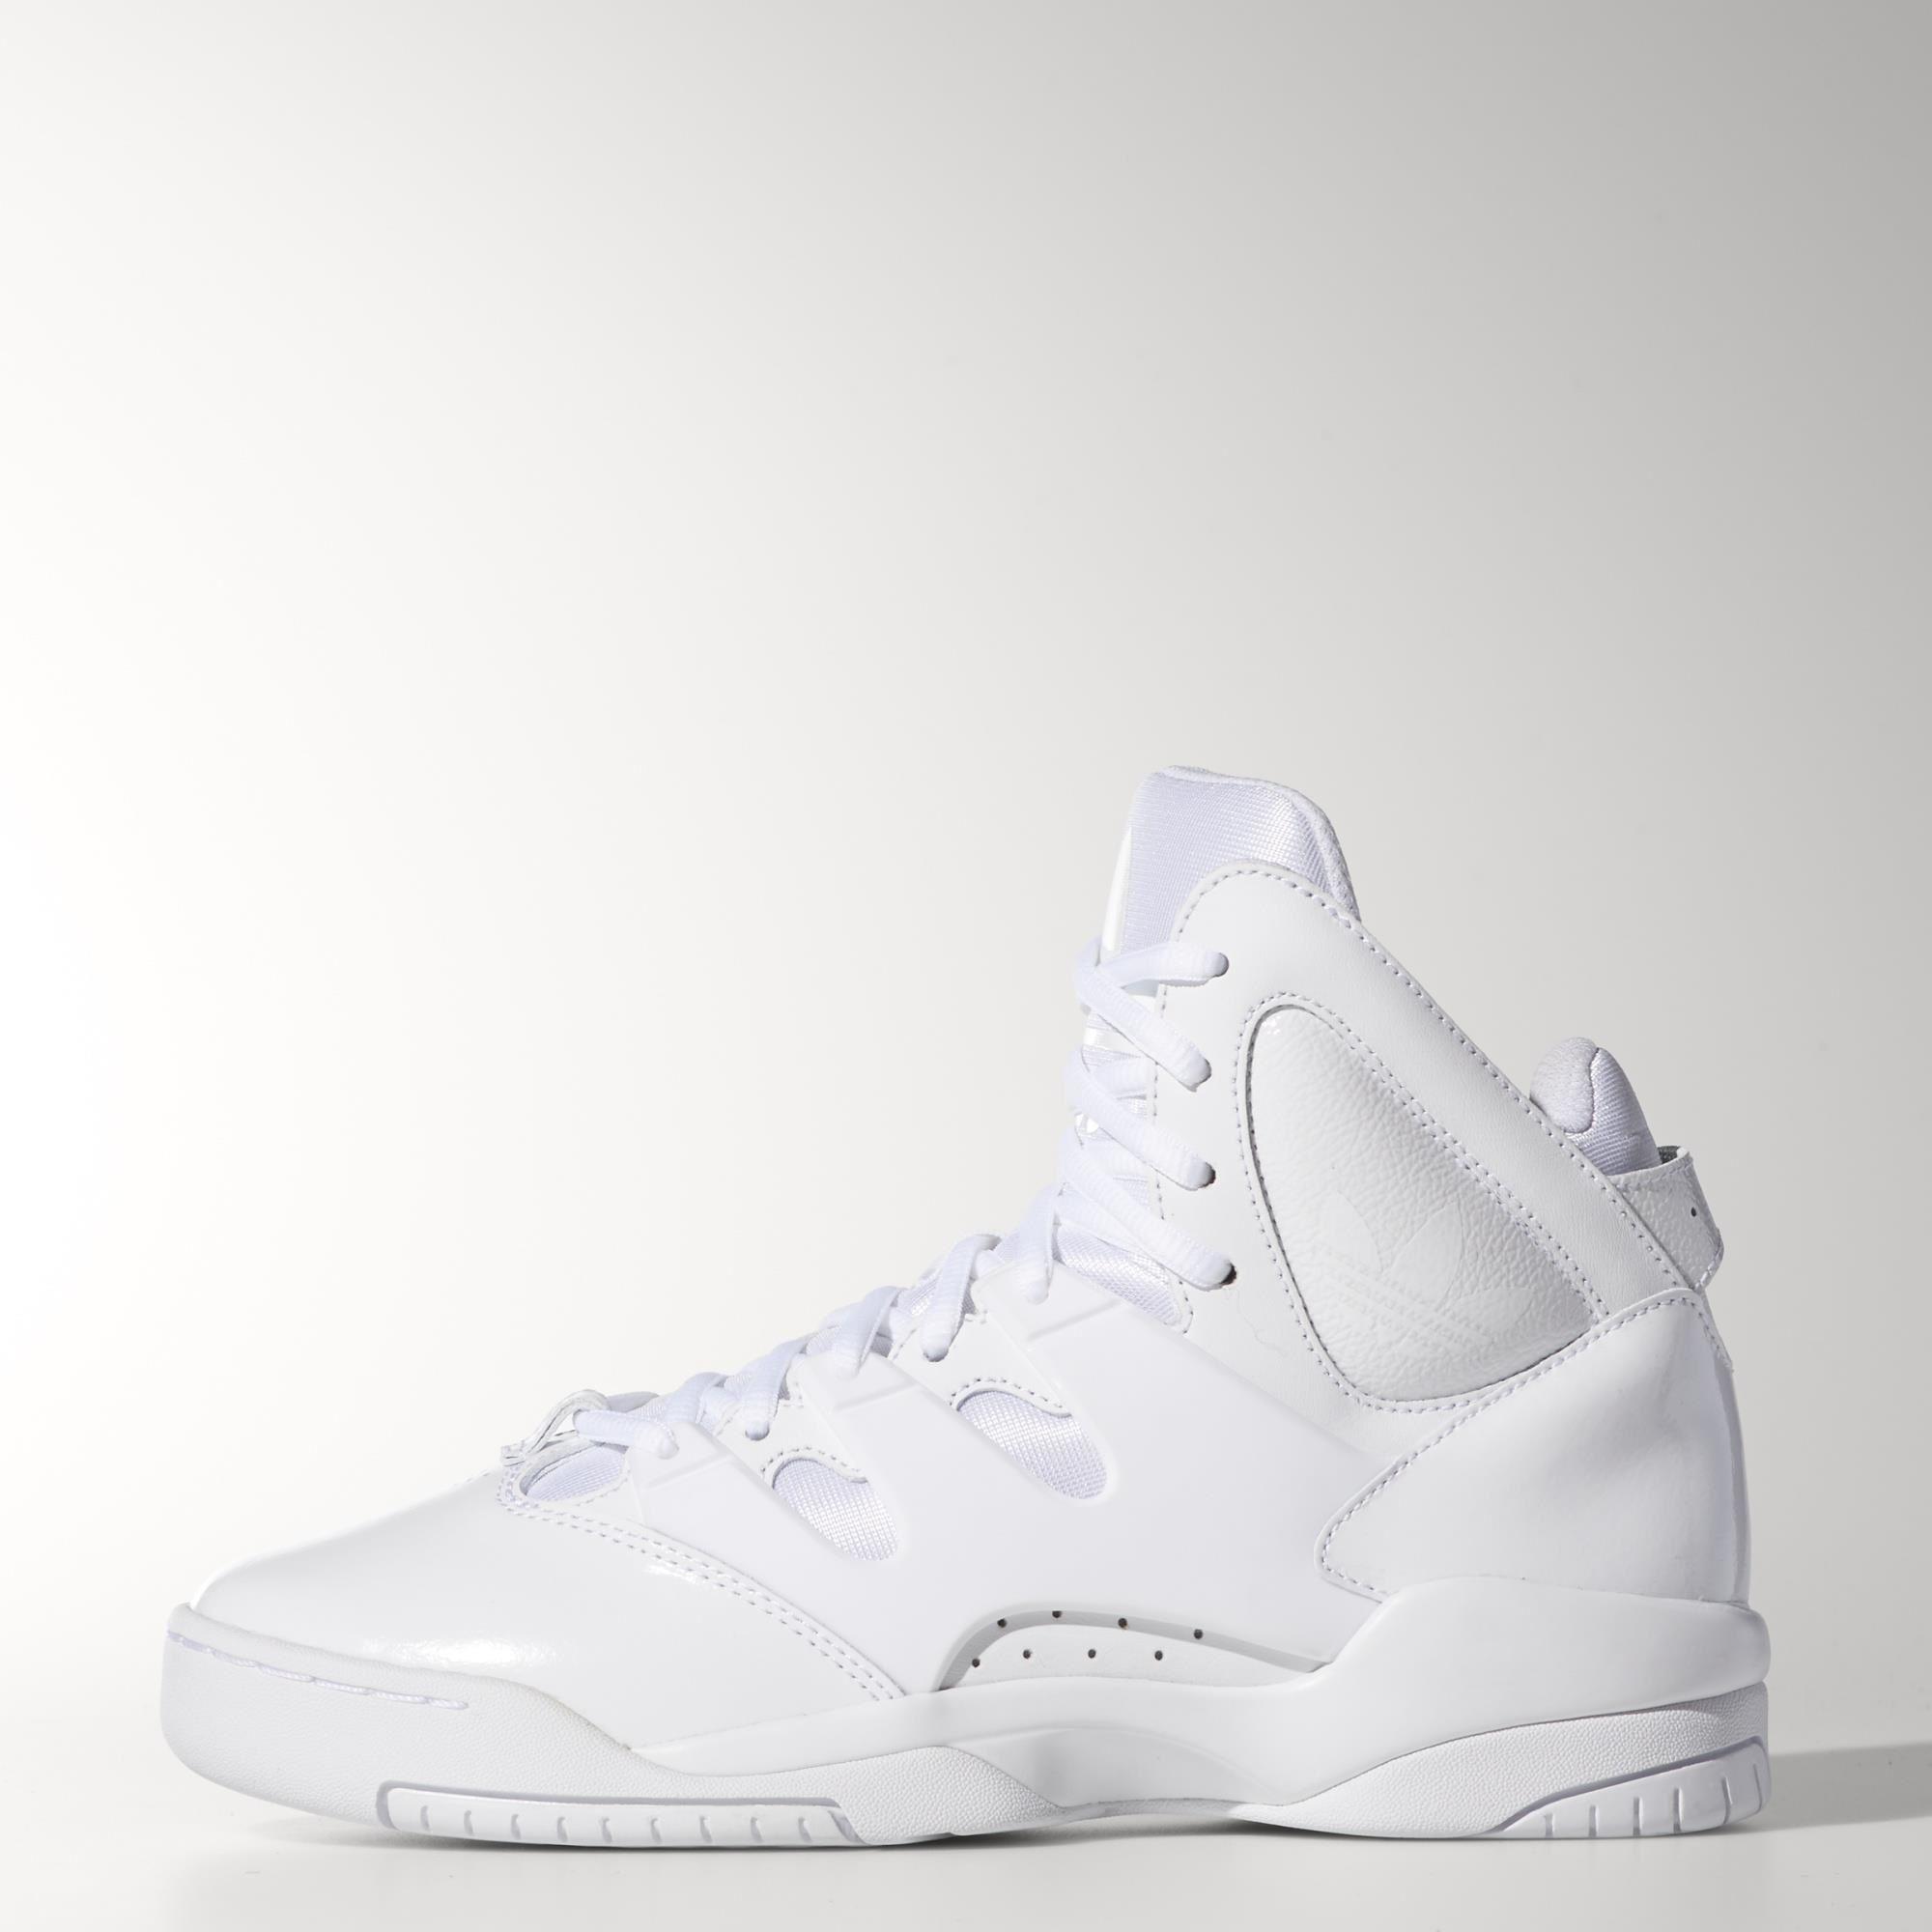 Nogle sko er bedre egnet til dans hele natten end til spil på banen, og det er netop tilfældet med disse basketballinspirerede sko til kvinder. De har en retrostil med høj kant i hvidt læder, en kant i overstørrelse, en formstøbt TPU-rem på foden og TORSION® SYSTEM-støtte til at stabilisere mellemfoden.